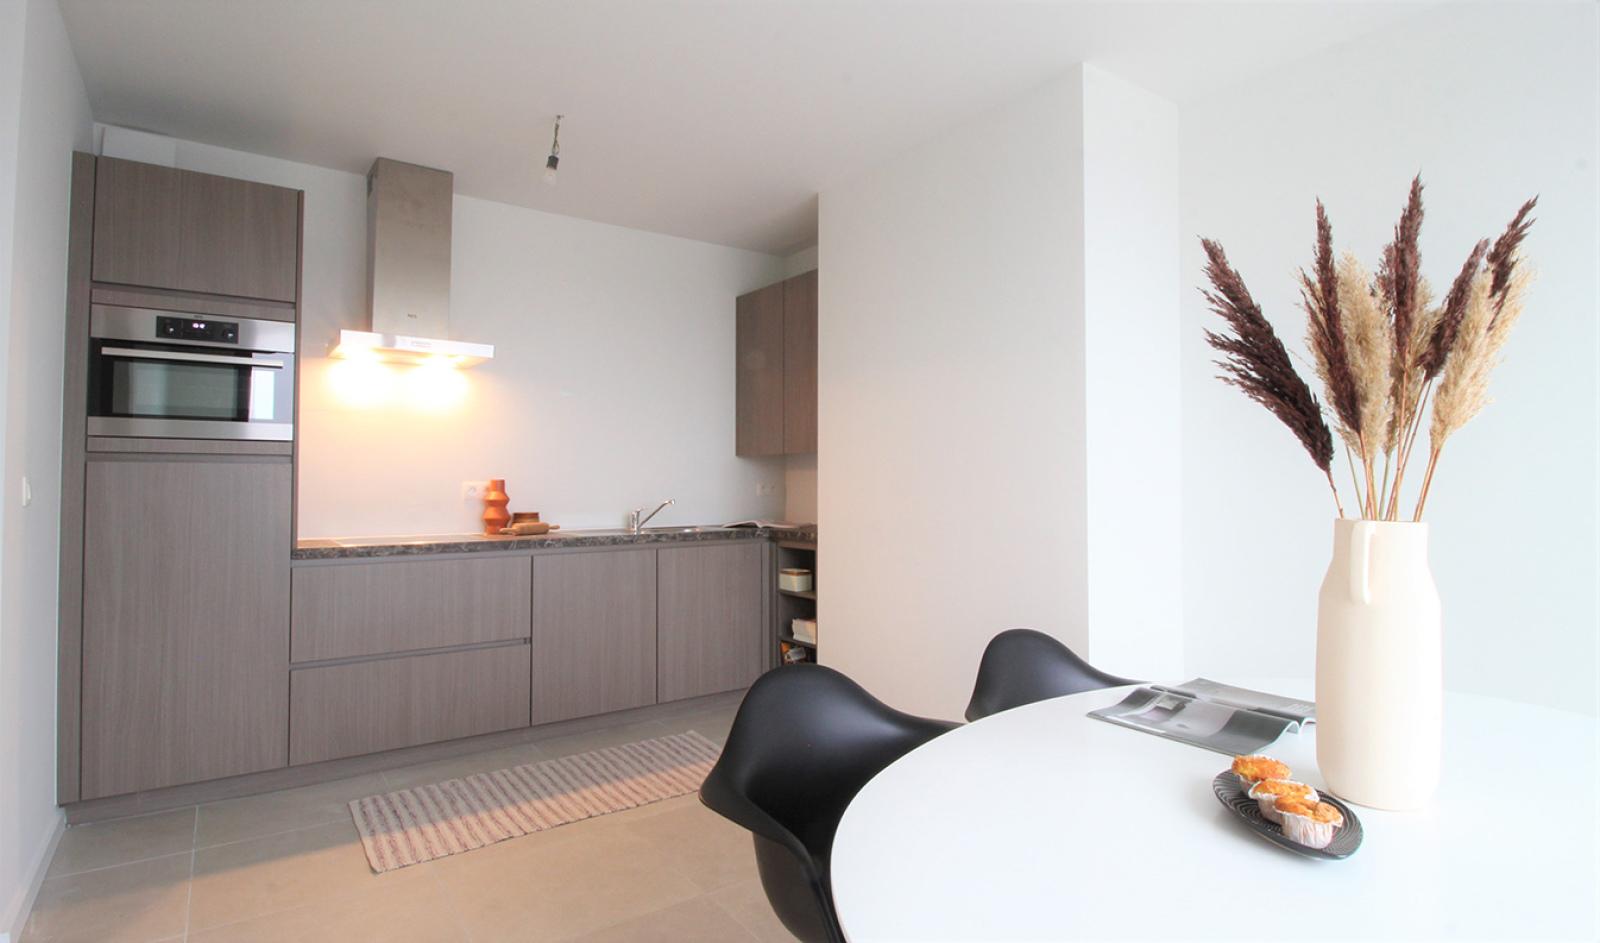 Prachtige penthouse met maar liefst 2 ruime terrasssen op centrale locatie vlakbij het Rivierenhof. afbeelding 8